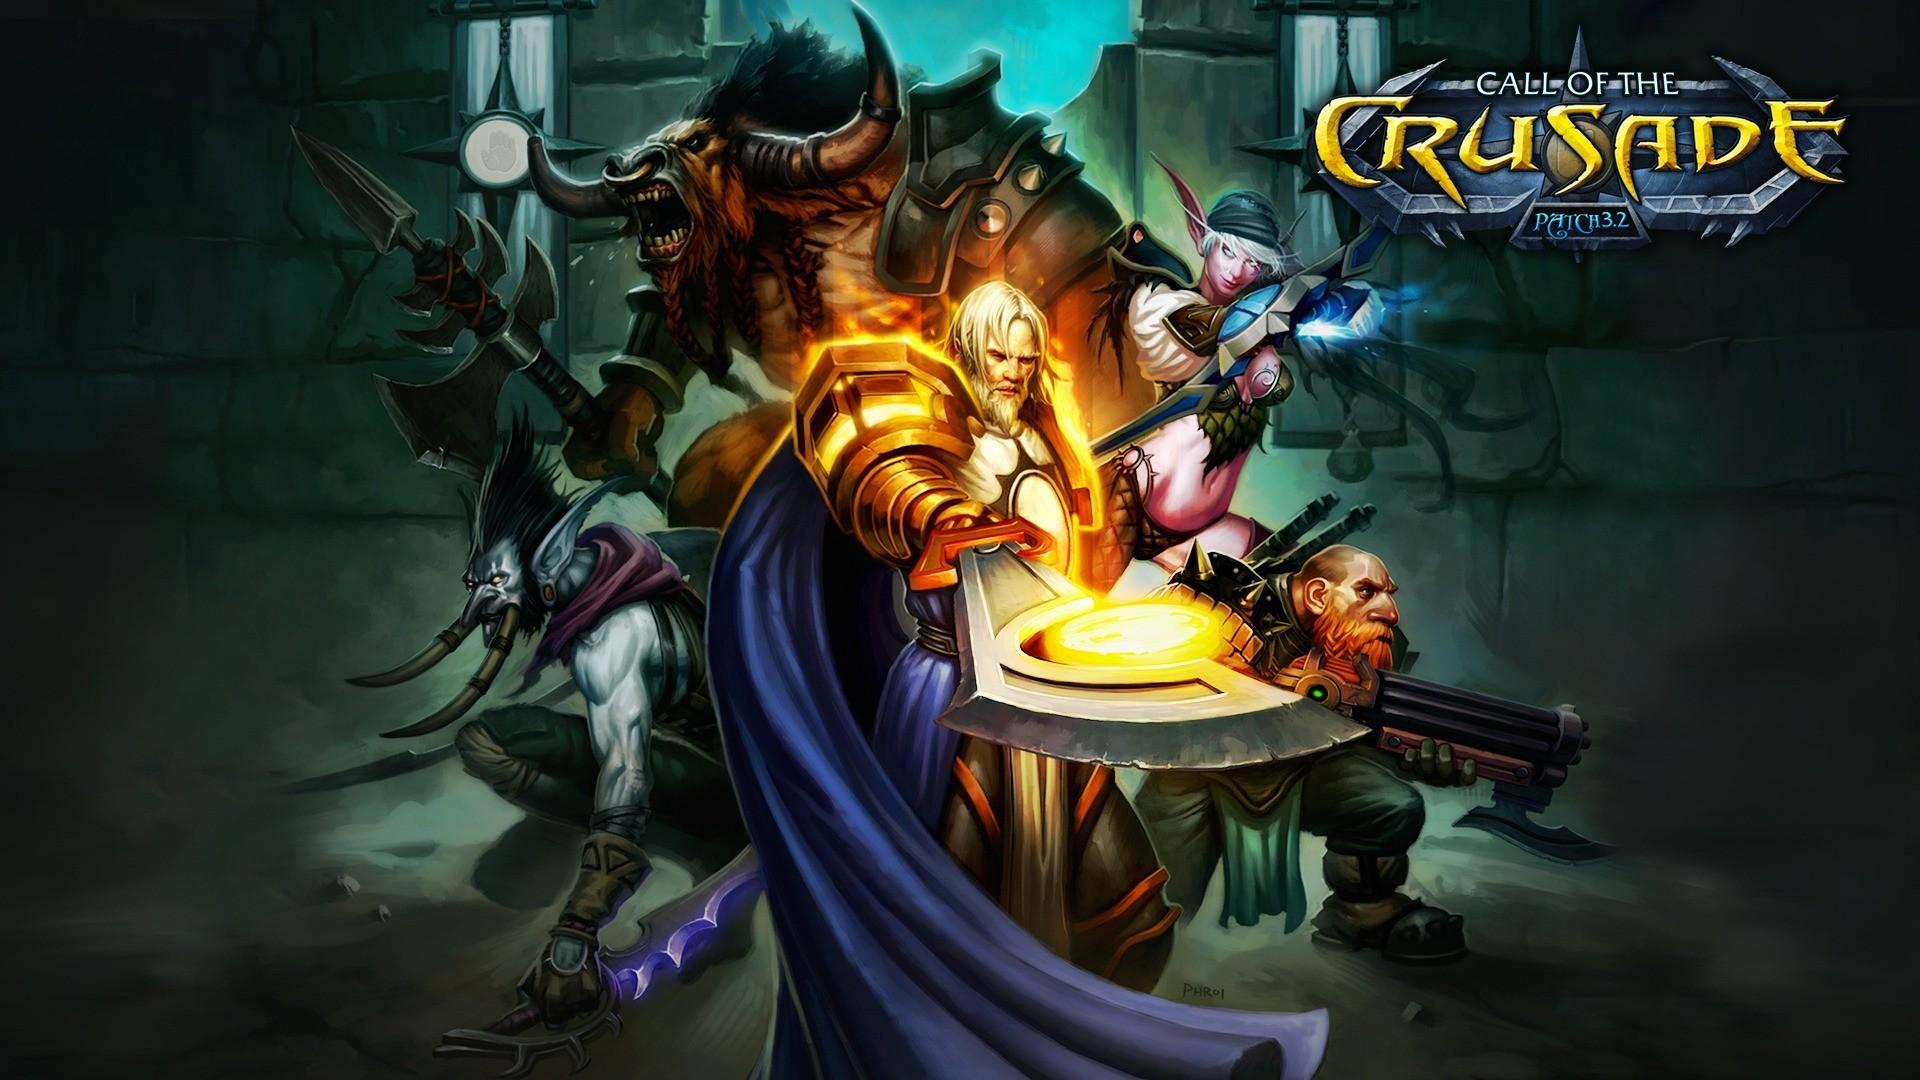 World Of Warcraft Wallpaper 1366X768 wallpaper – 987002